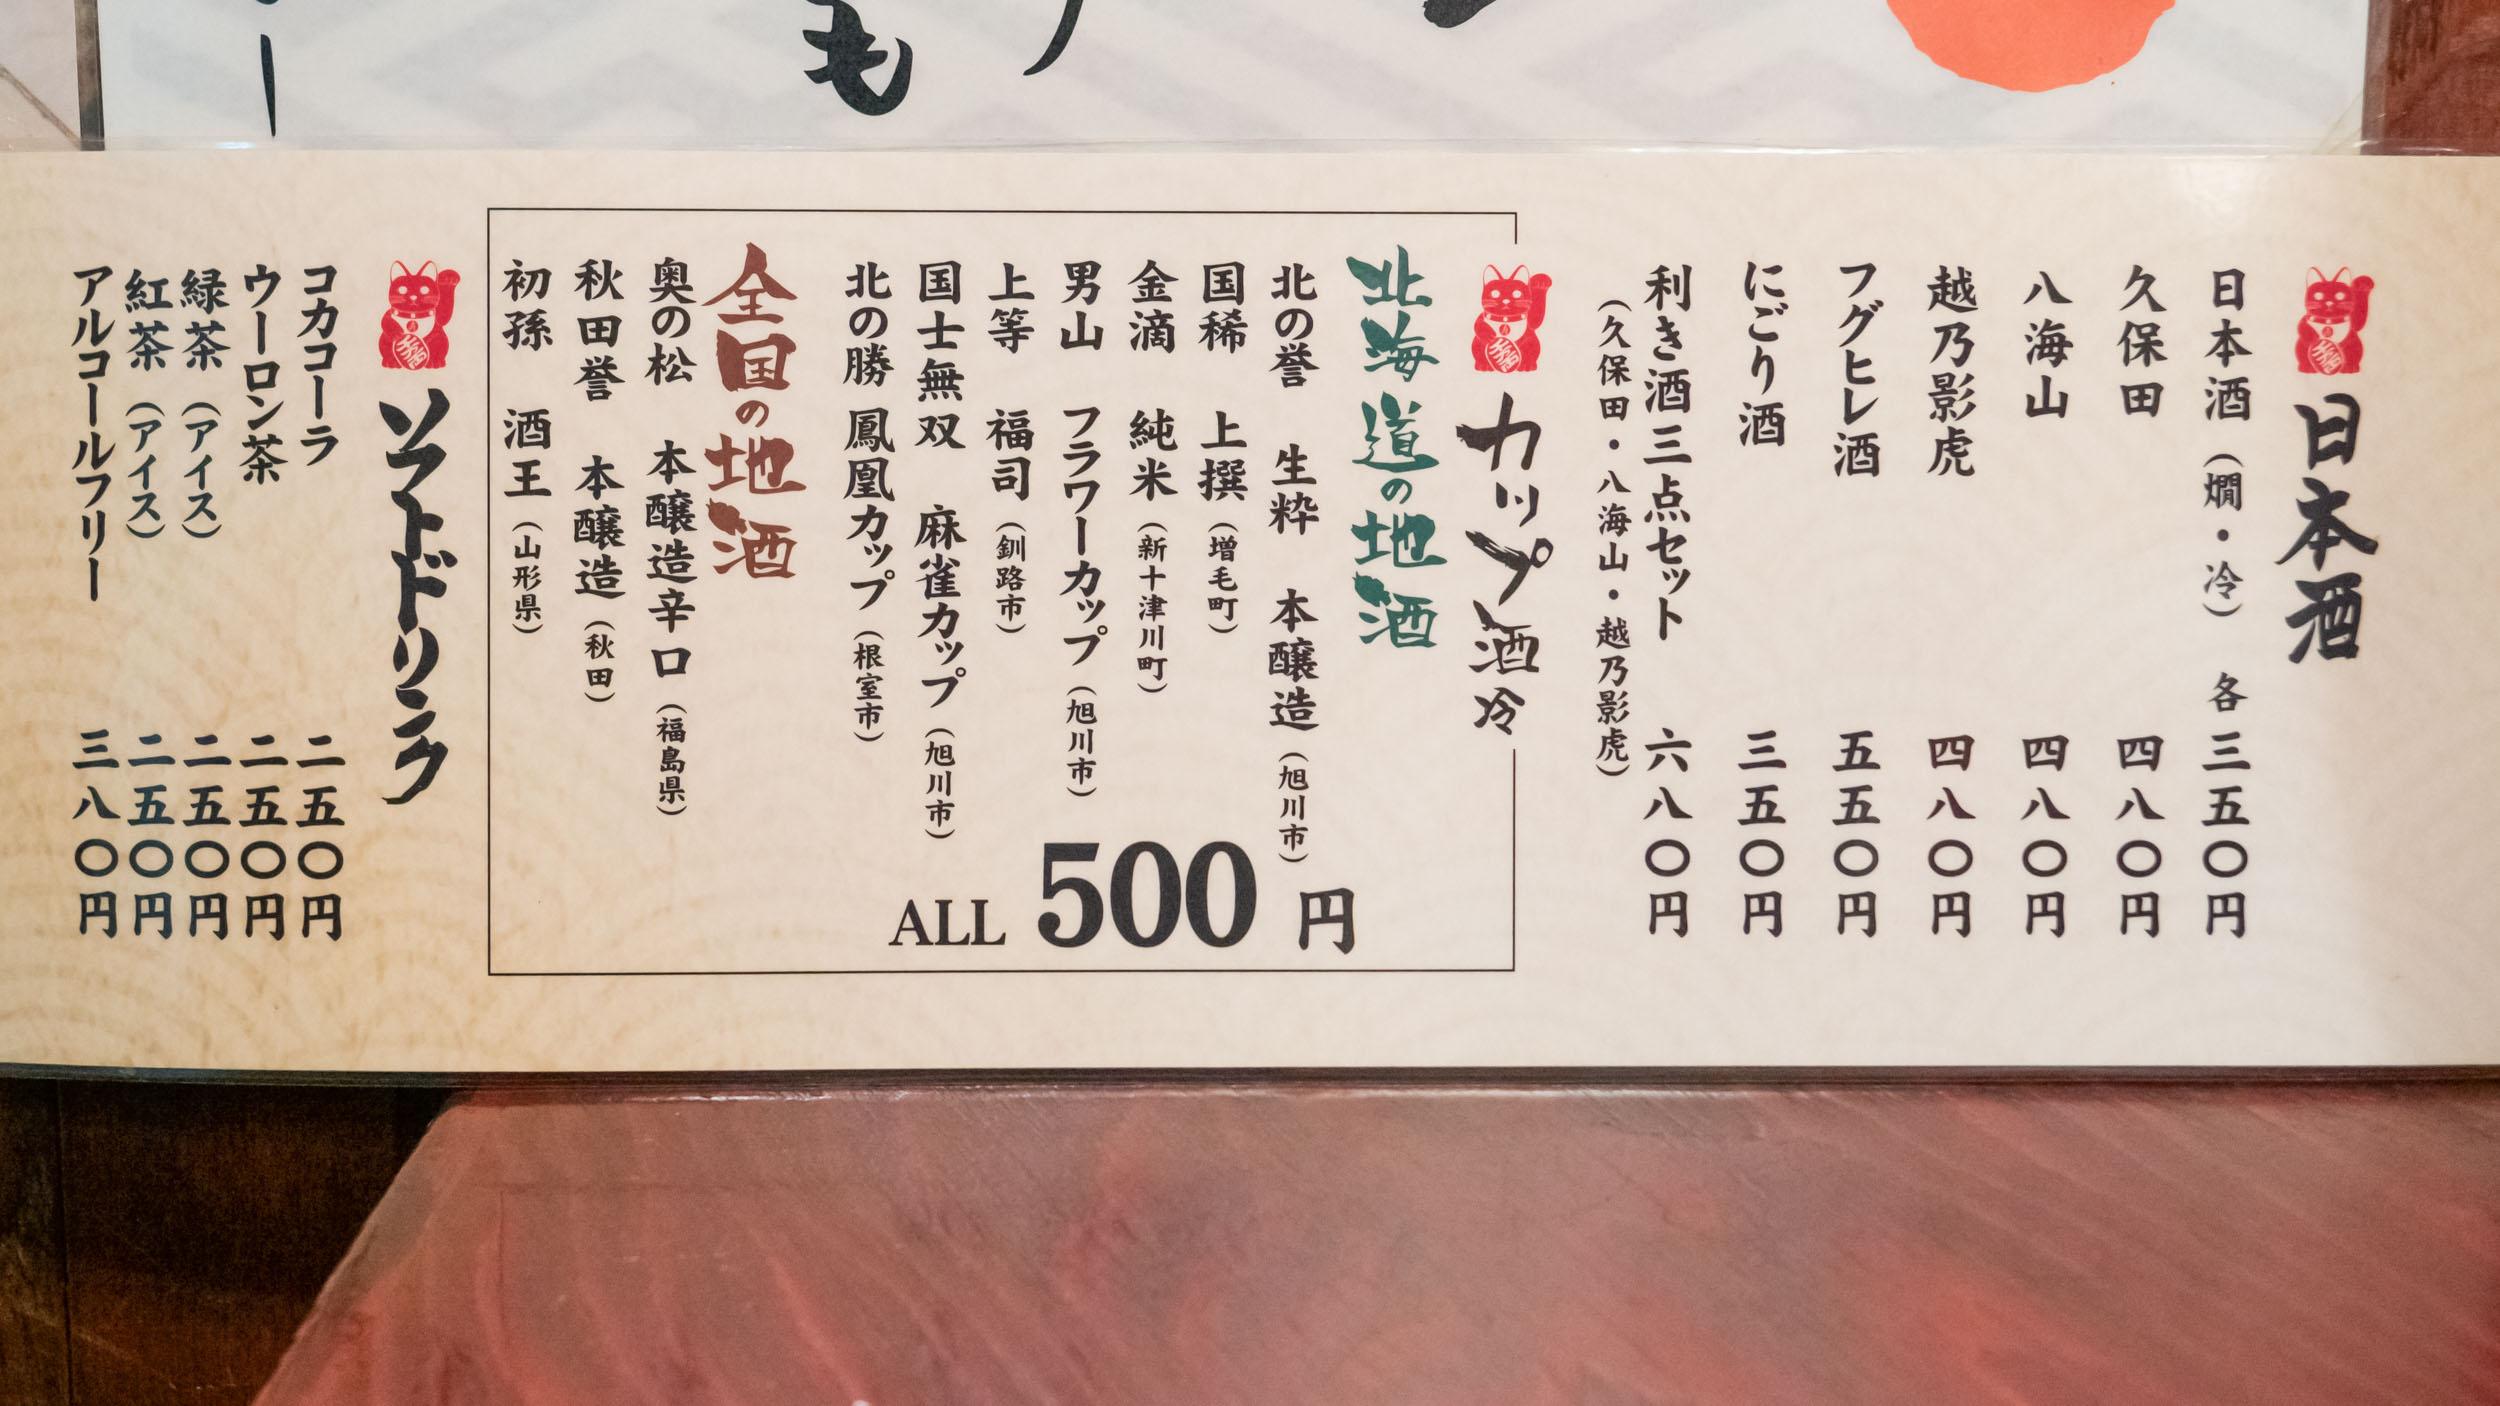 大衆酒場まねき屋 本店の飲み物メニュー DMC-GX8 + LEICA DG 12-60mm